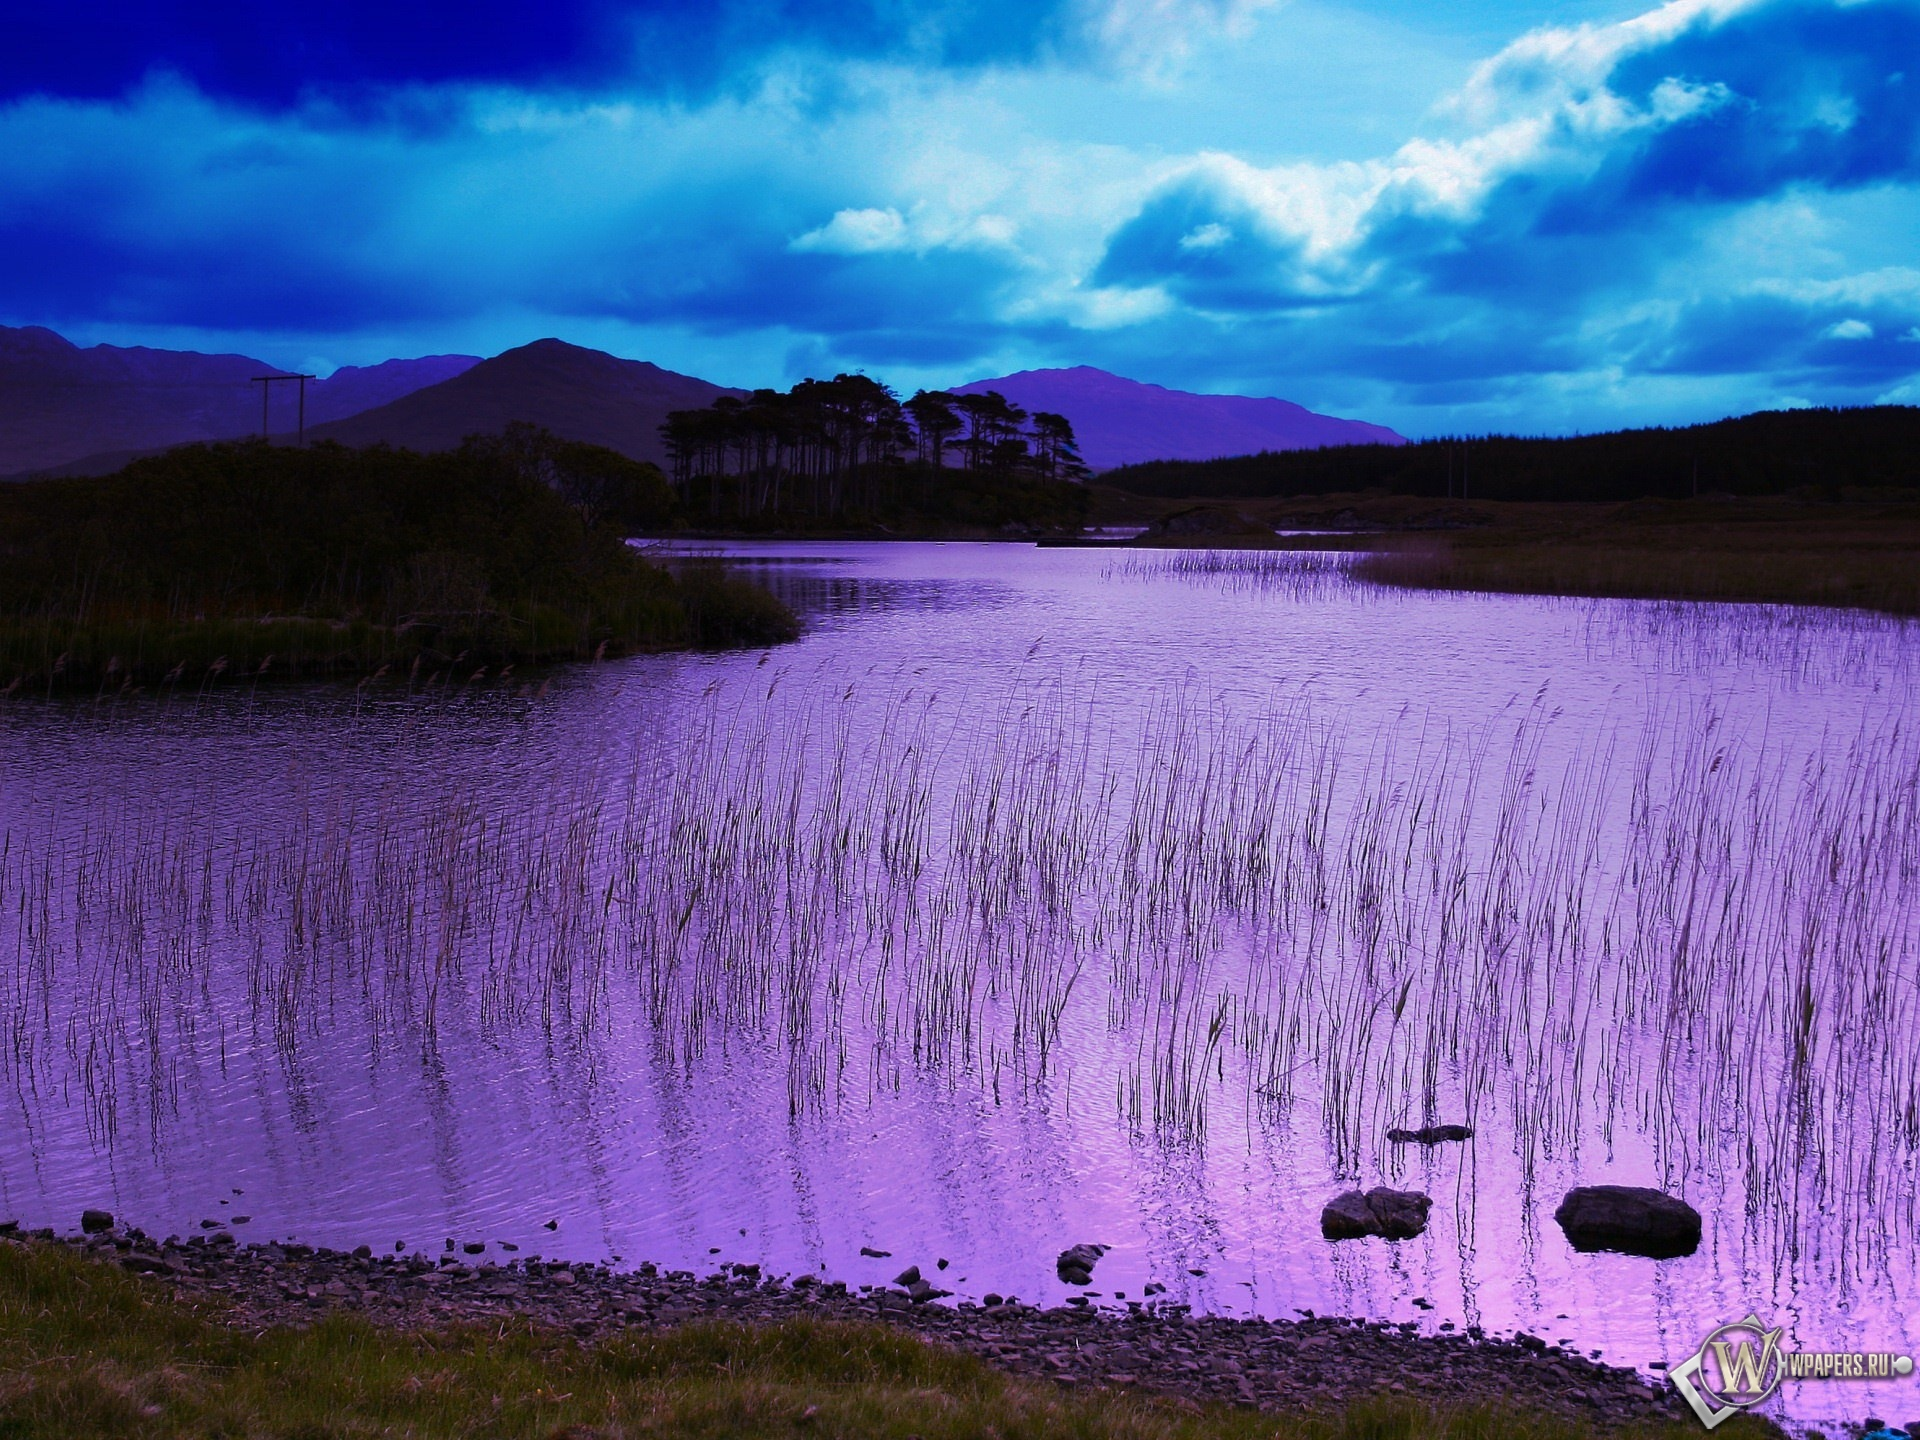 Фиолетовое озеро 1920x1440